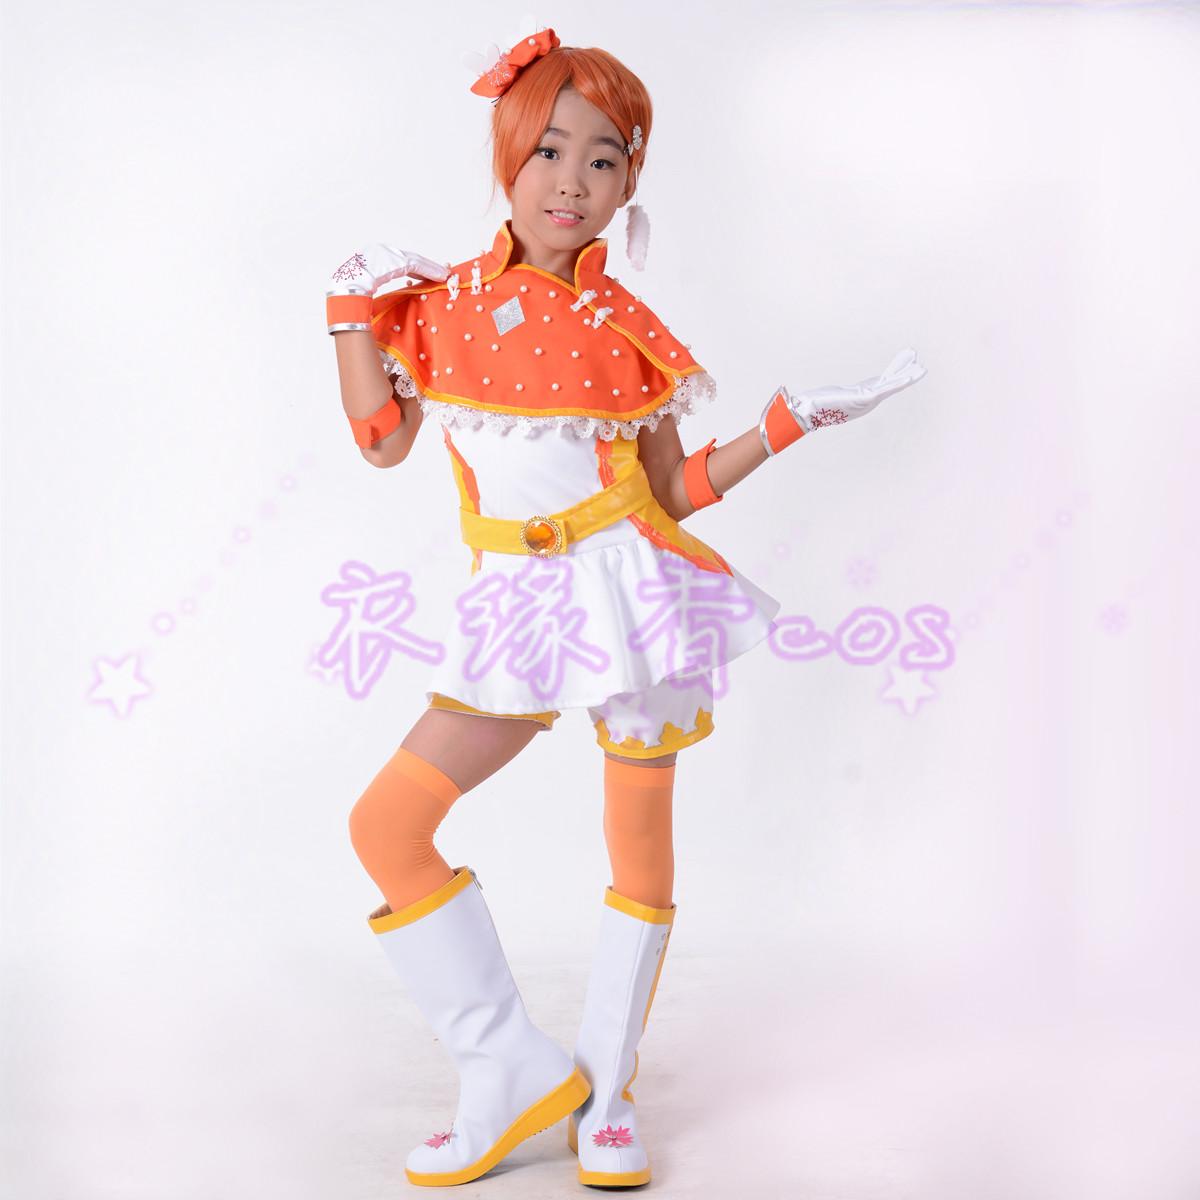 舞法天女朵法拉第二季_舞法天女朵法拉第二季衣服芮闪天女苏爱蕾 cosplay儿童小孩服装